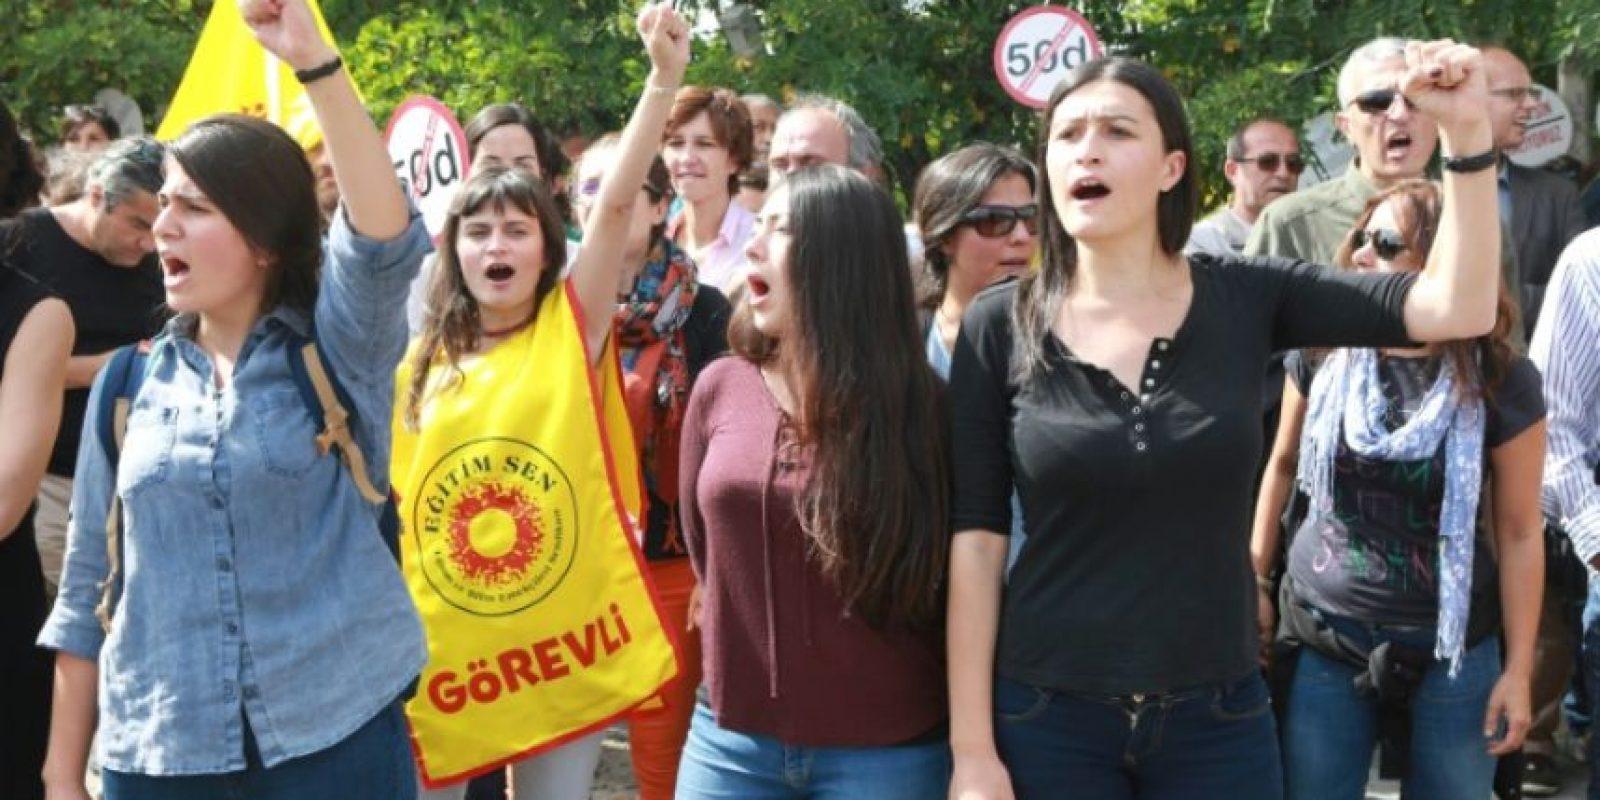 Una manifestación contra la suspensión de profesores universitarios a causa de la purga gubernamental por la fallida intentona golpista, el pasado 22 de septiembre en Ankara, frente al Consejo de Enseñanza Superior (YÖK) Foto:Adem Altan/afp.com